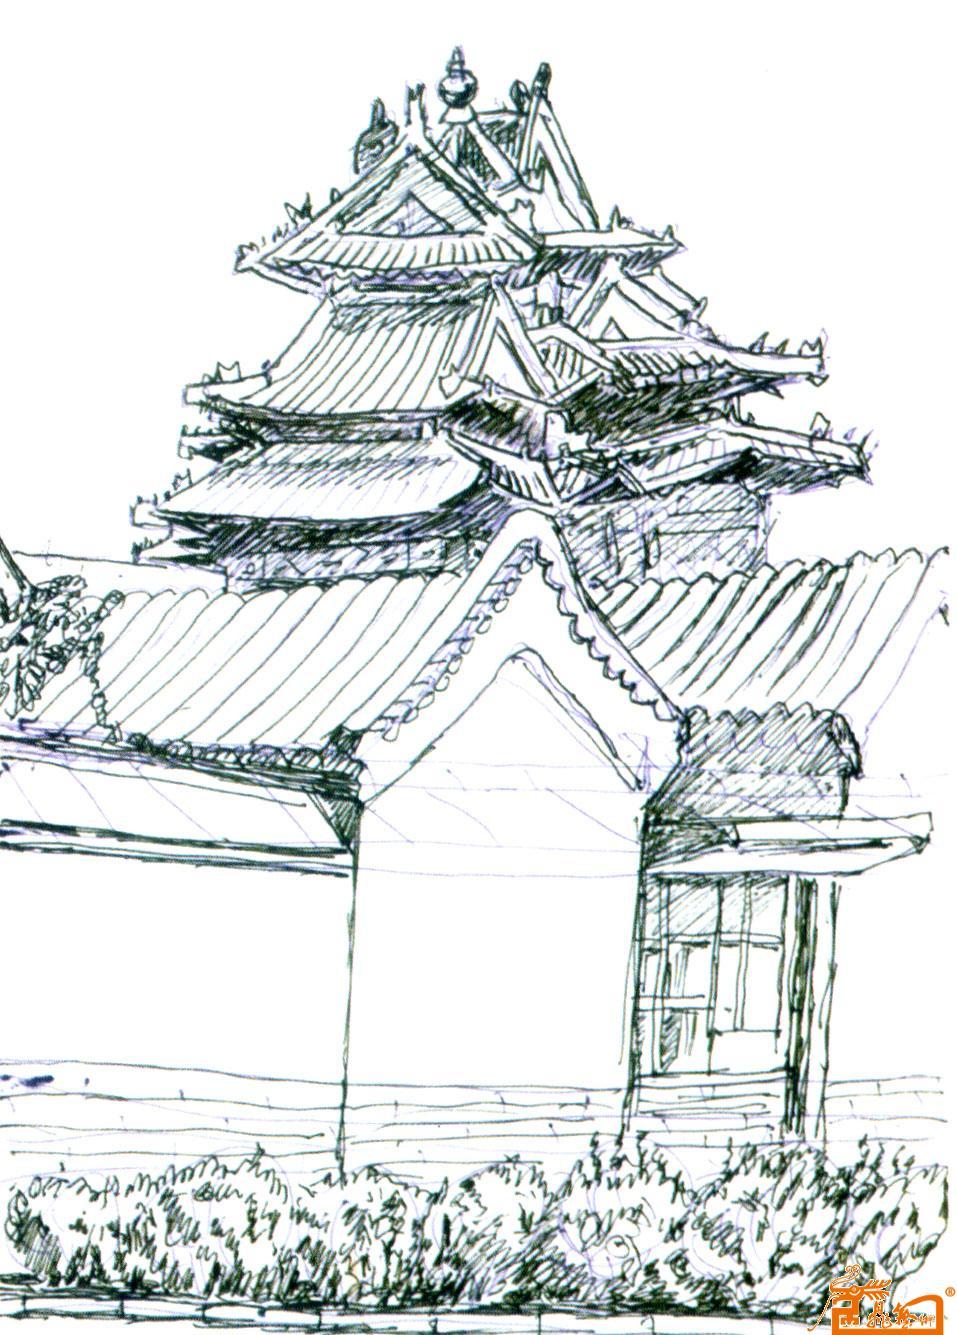 作品68故宫景色速写1-梁德媖-淘宝-名人字画-中国; 买卖的人场景速写